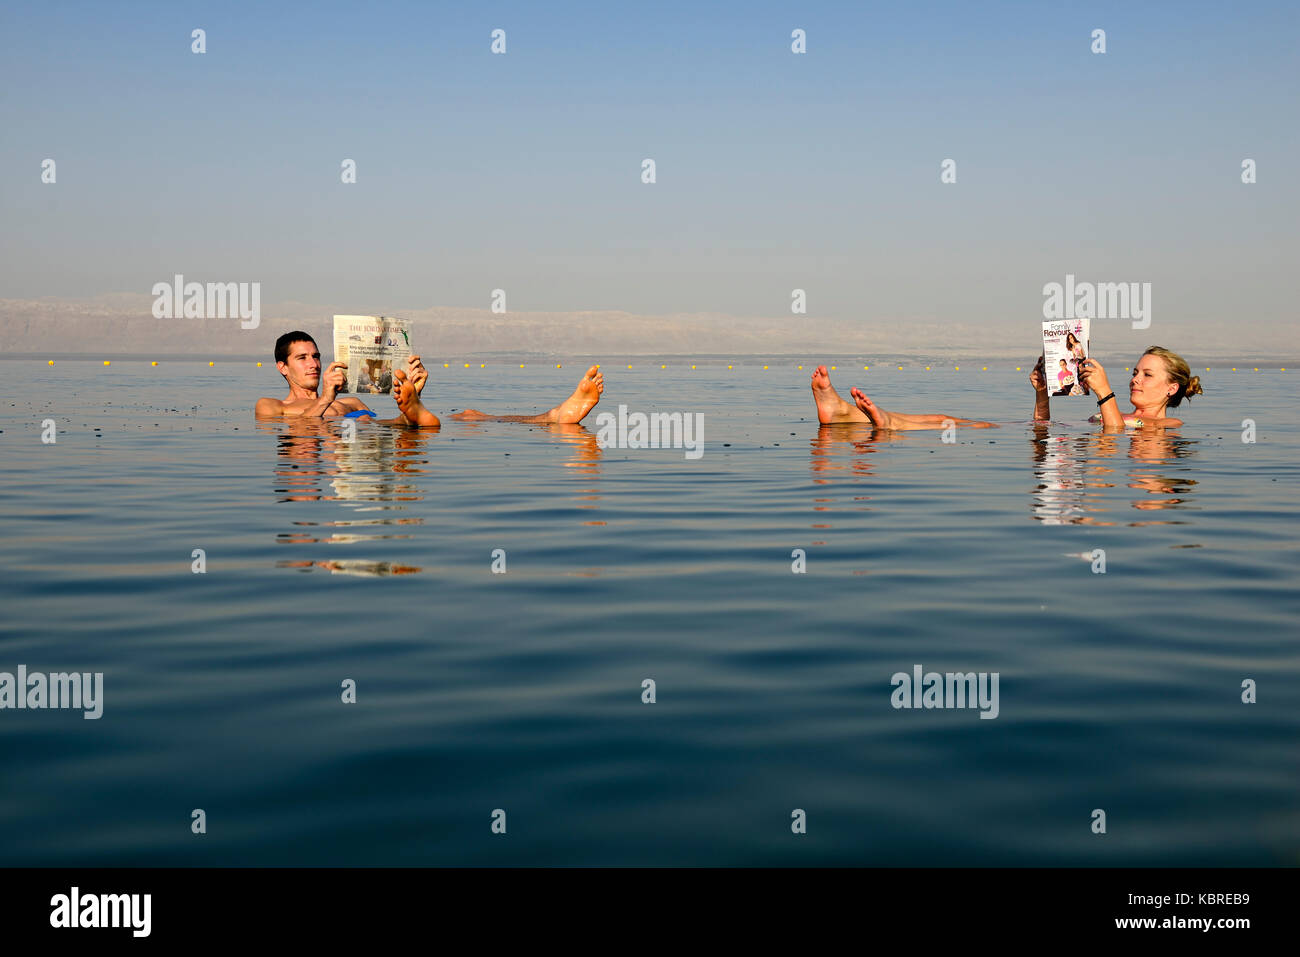 Coppia giovane legge giornale galleggianti nel mar morto, Giordania Immagini Stock